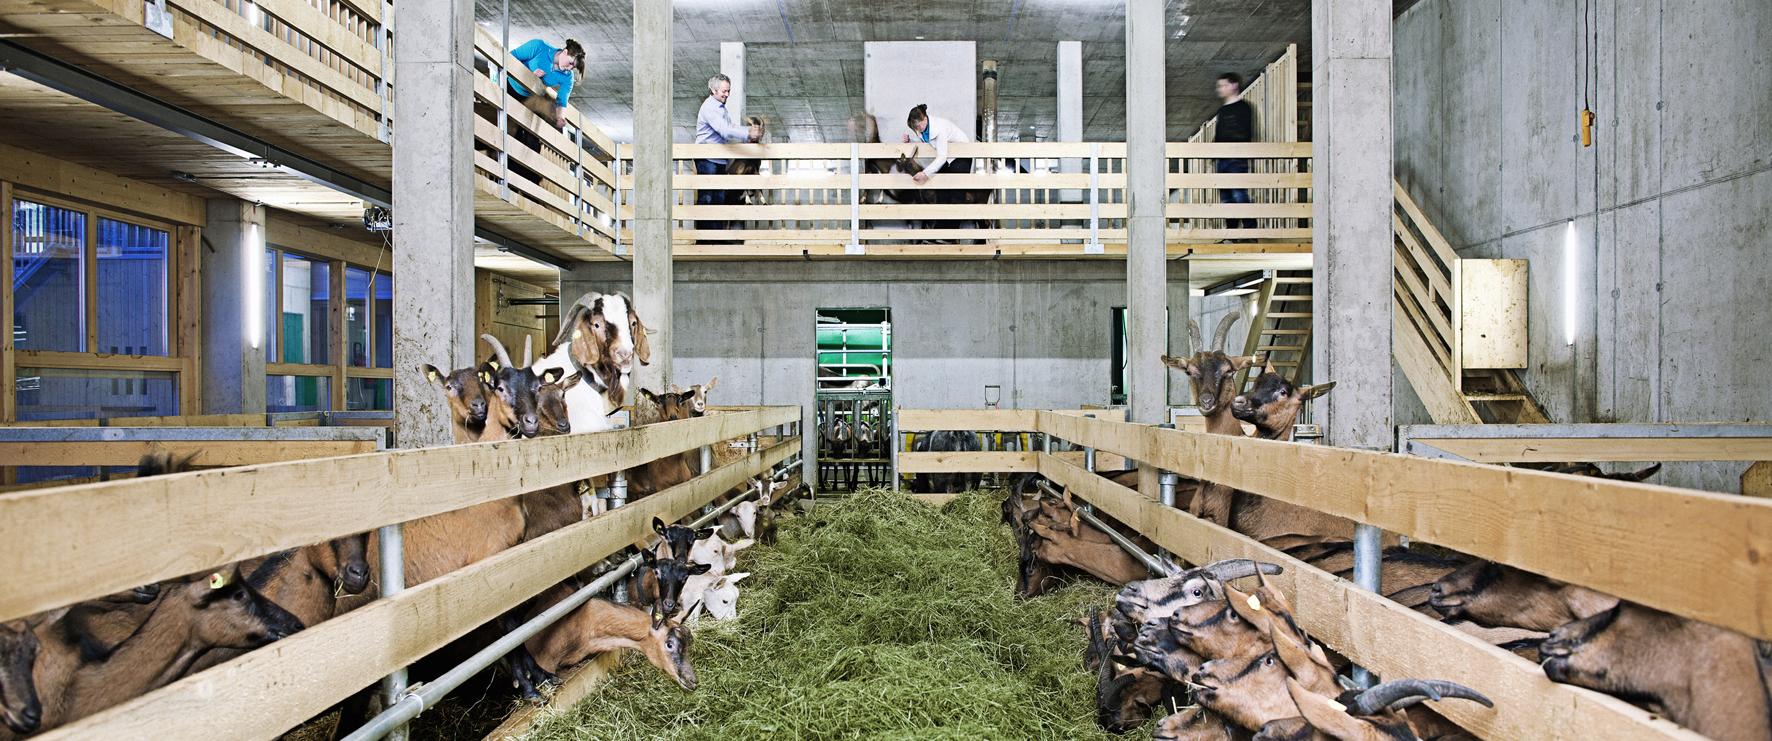 Naturhautnah.at hat sich der Erhaltung des ländlichen Lebensraumes und der Entwicklung hochwertiger regionaler Produkte verschrieben. Die Produktion und ihre traditionelle Verankerung in der Region werden den Gästen dabei über authentische Geschichten vermittelt